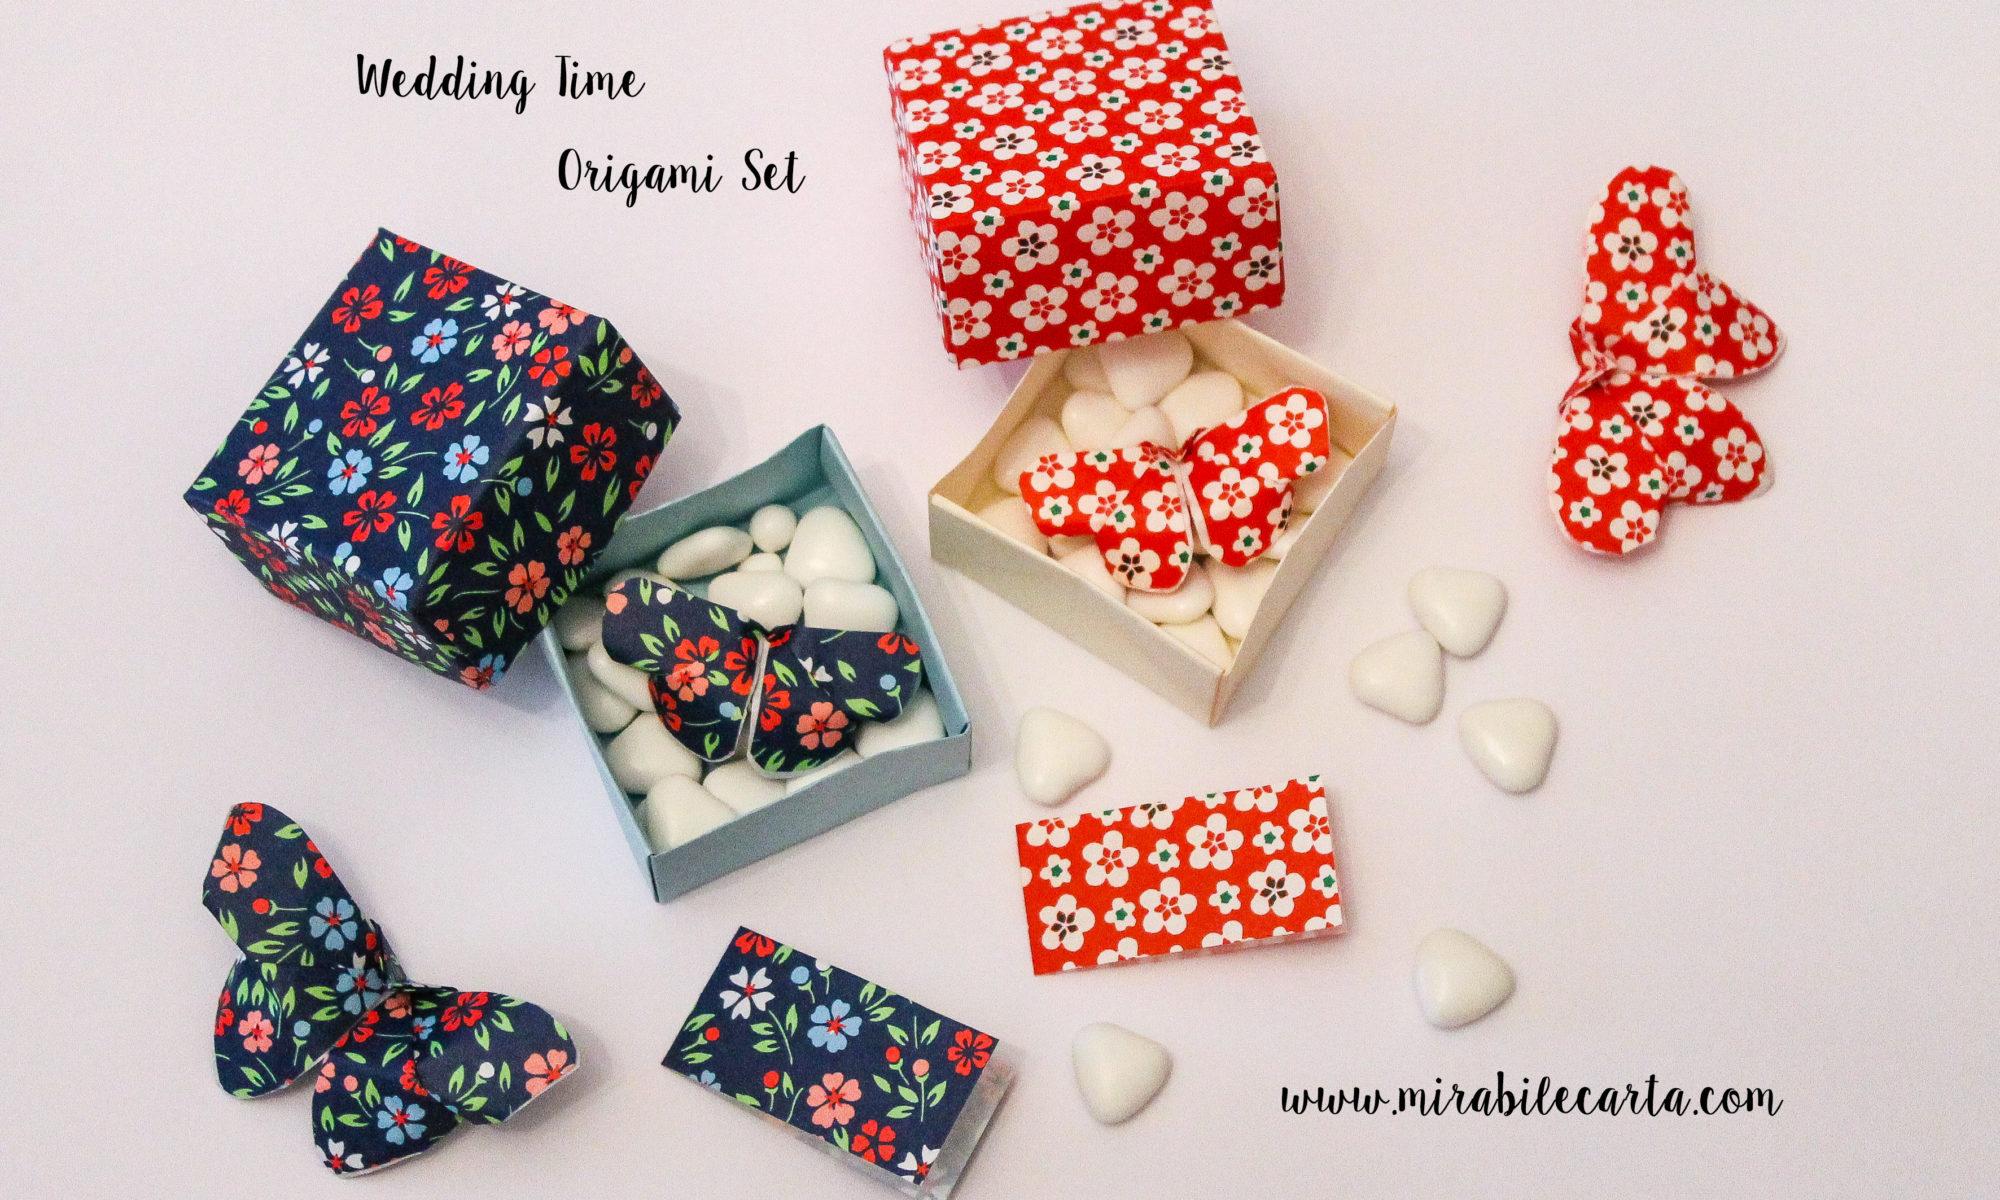 Matrimonio Tema Origami : Origami pack per matrimonio mirabile carta